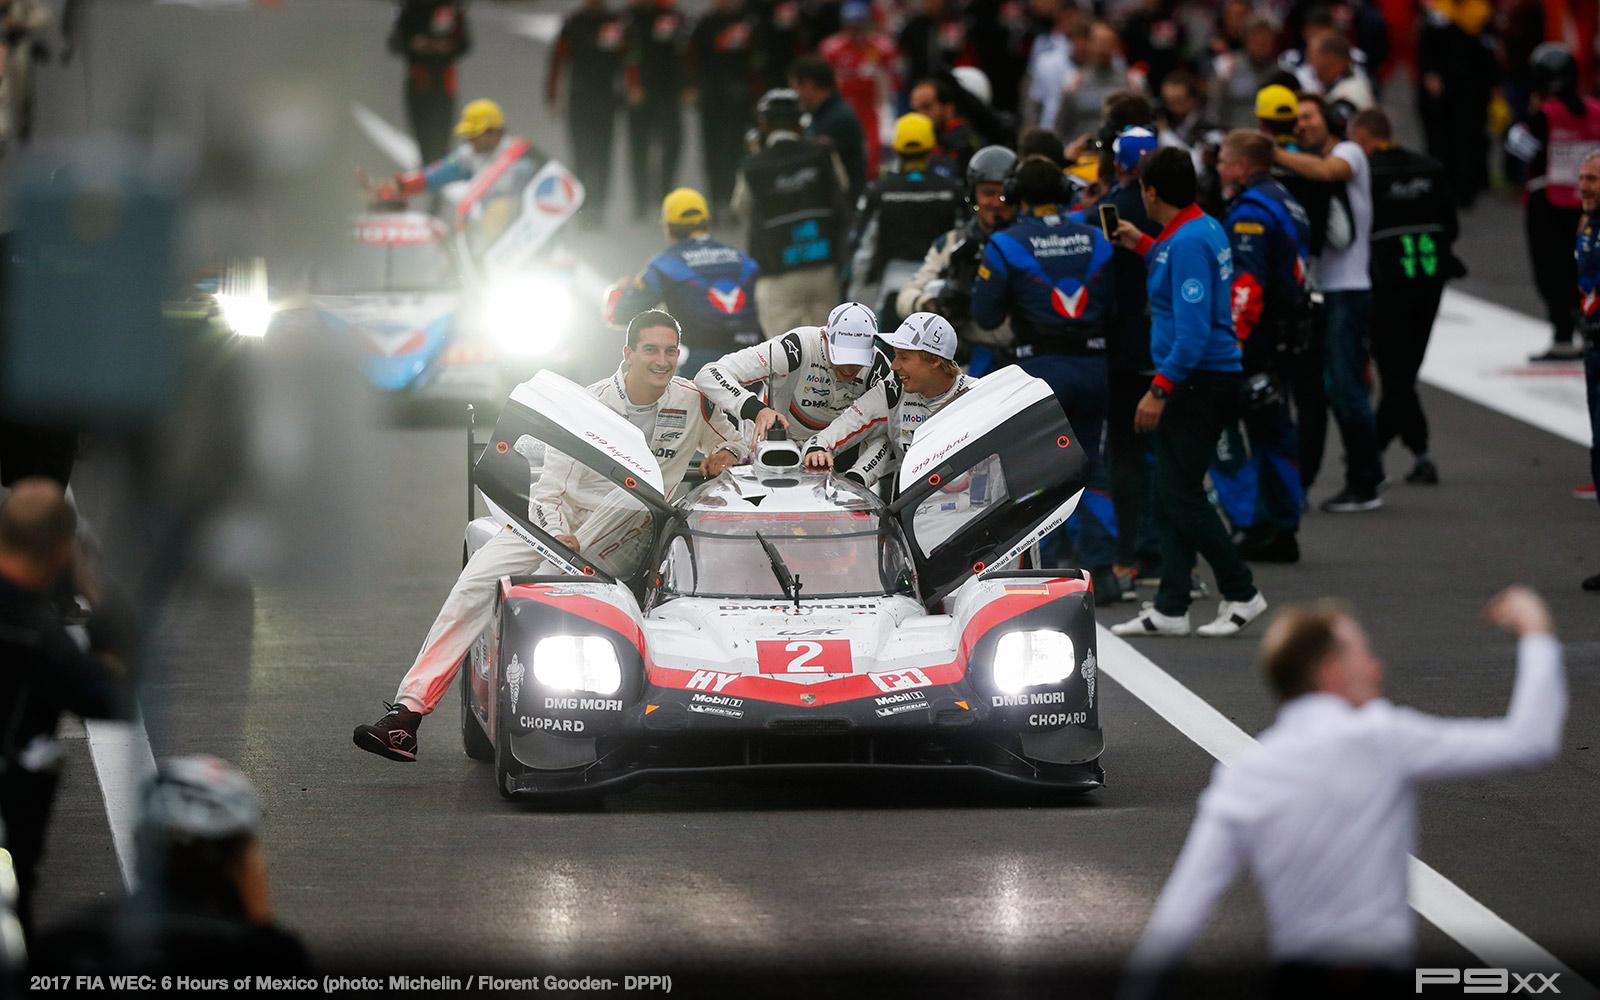 2017-FIA-WEC-6-HOURS-MEXICO-PORSCHE-exico_02117008__GDN53481209